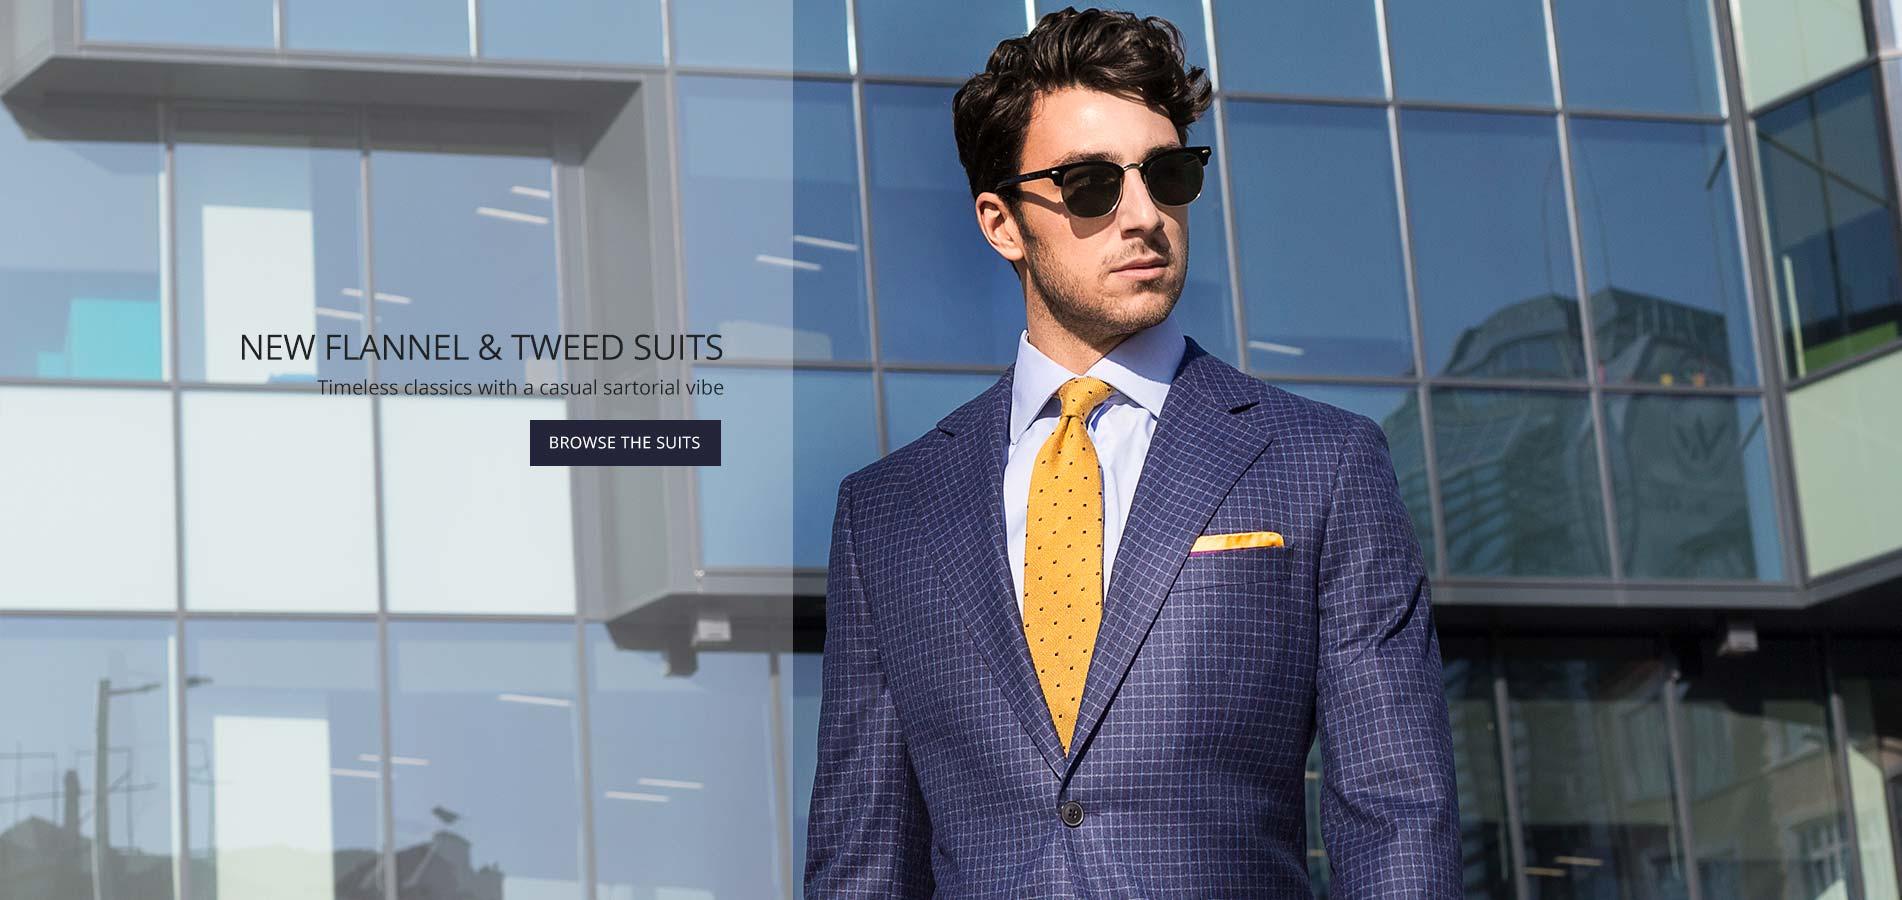 Flannels & Tweeds